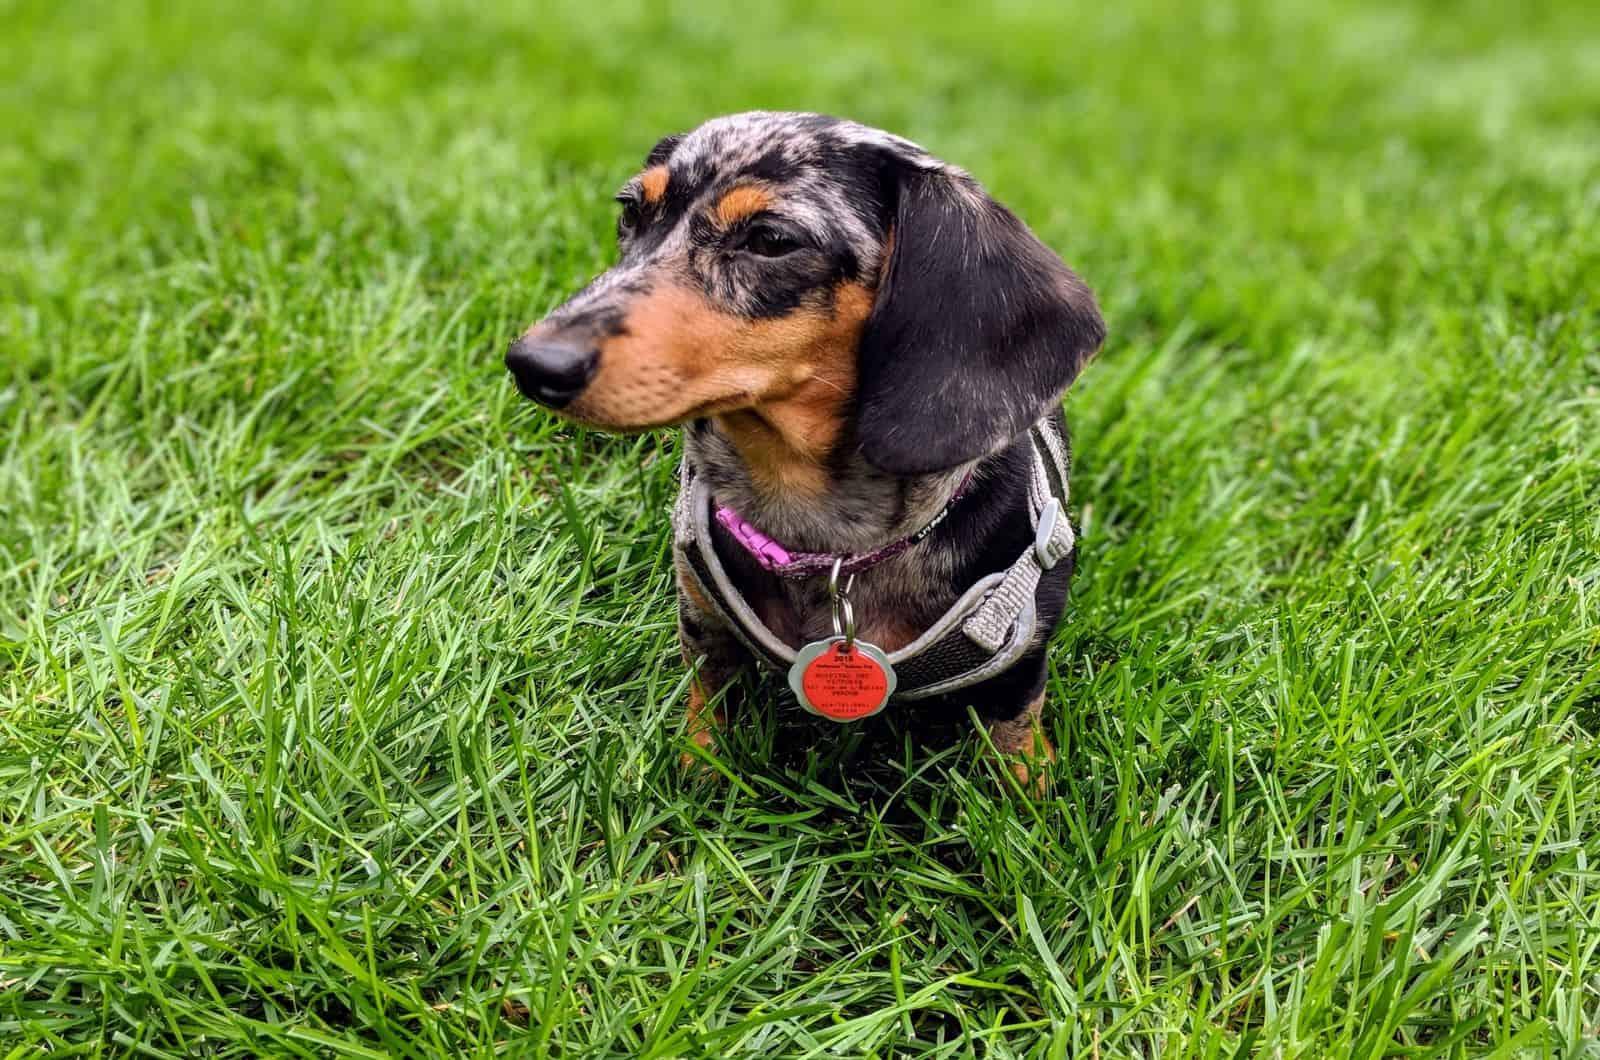 dapple dachshund in grass